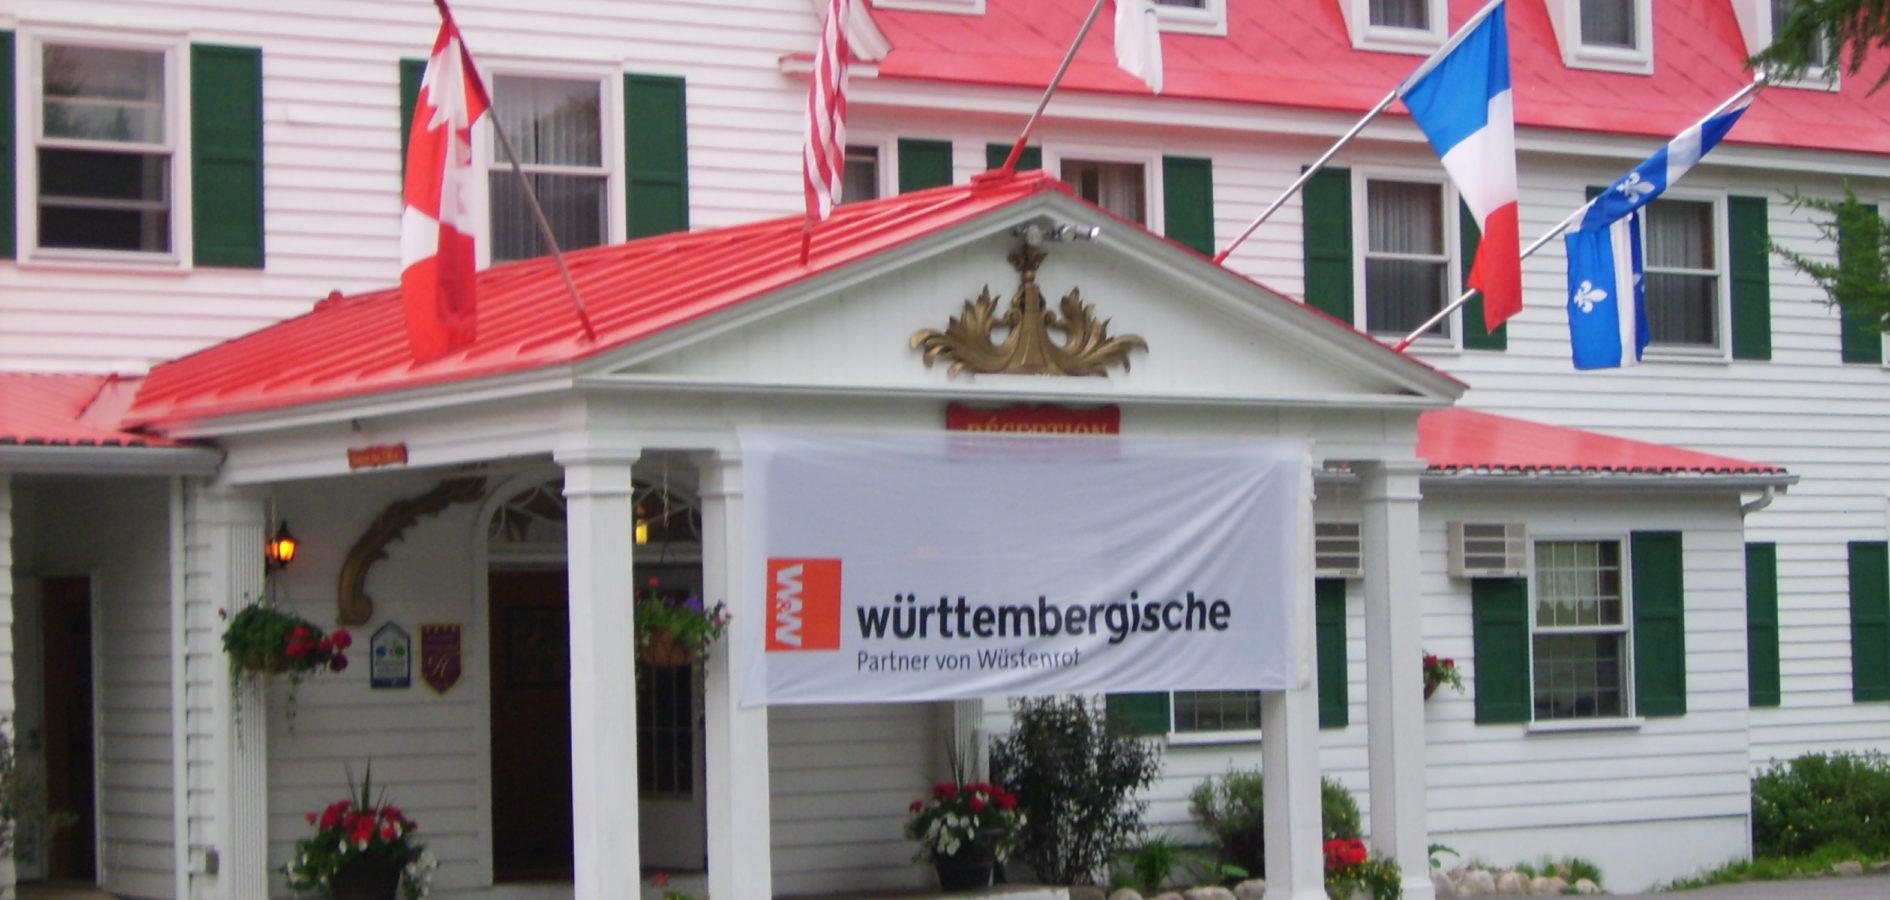 Württembergische Kanada